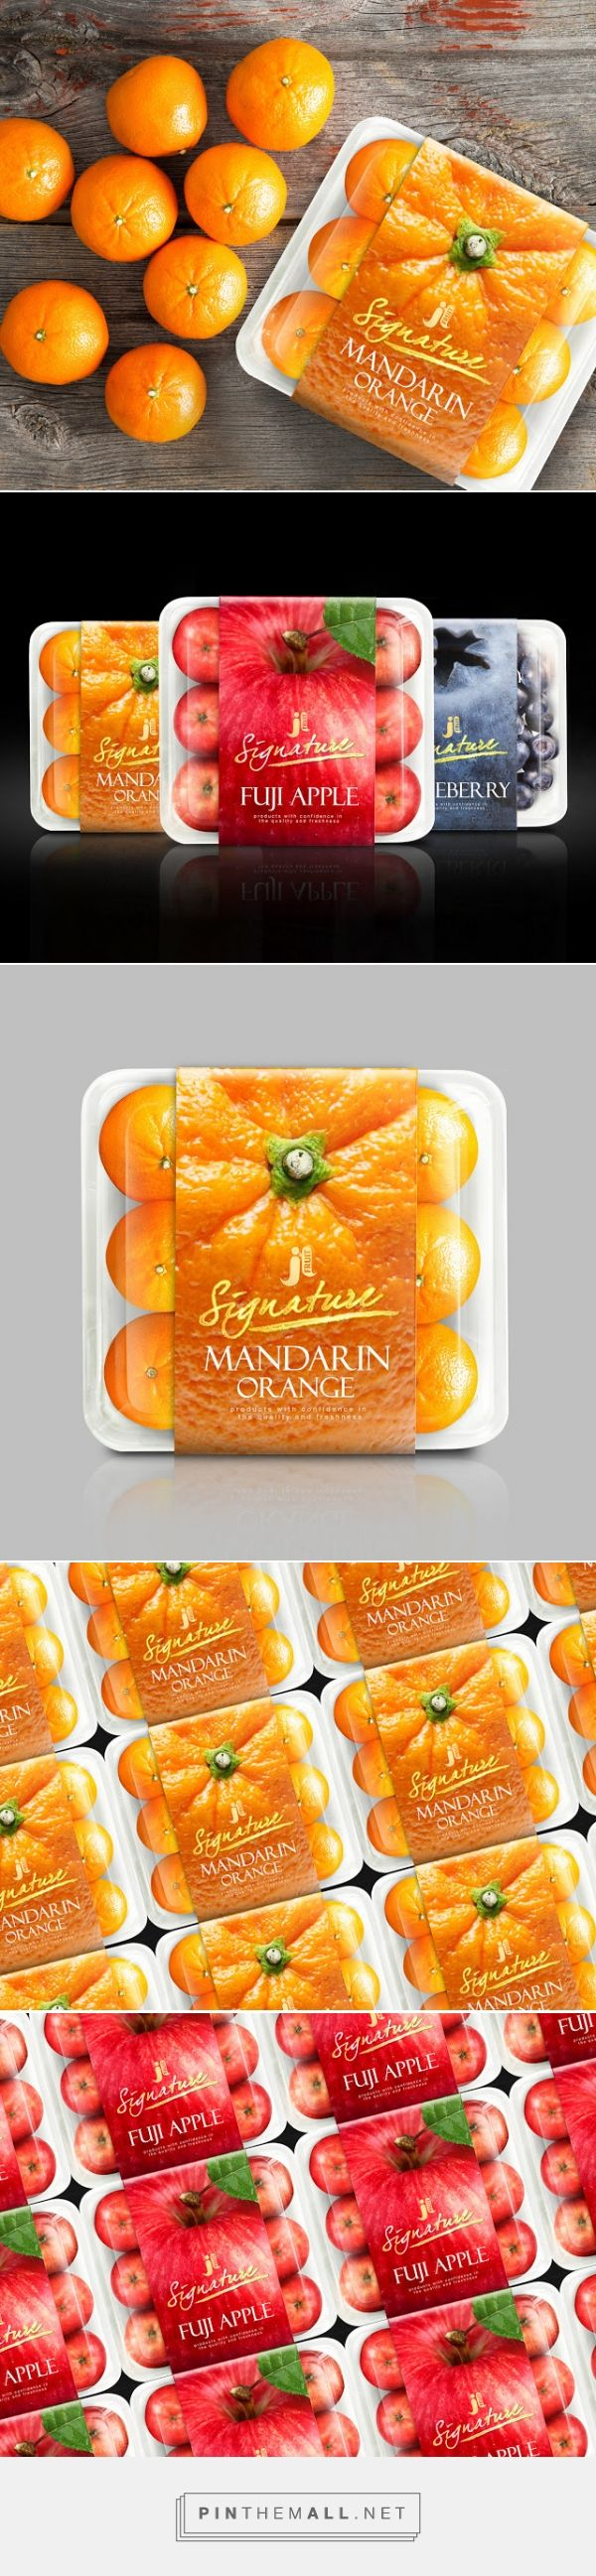 JL #Fruit #Packaging designed by Prompt Design - http://www.packagingoftheworld.com/2015/04/jl-fruit-packaging-design.html